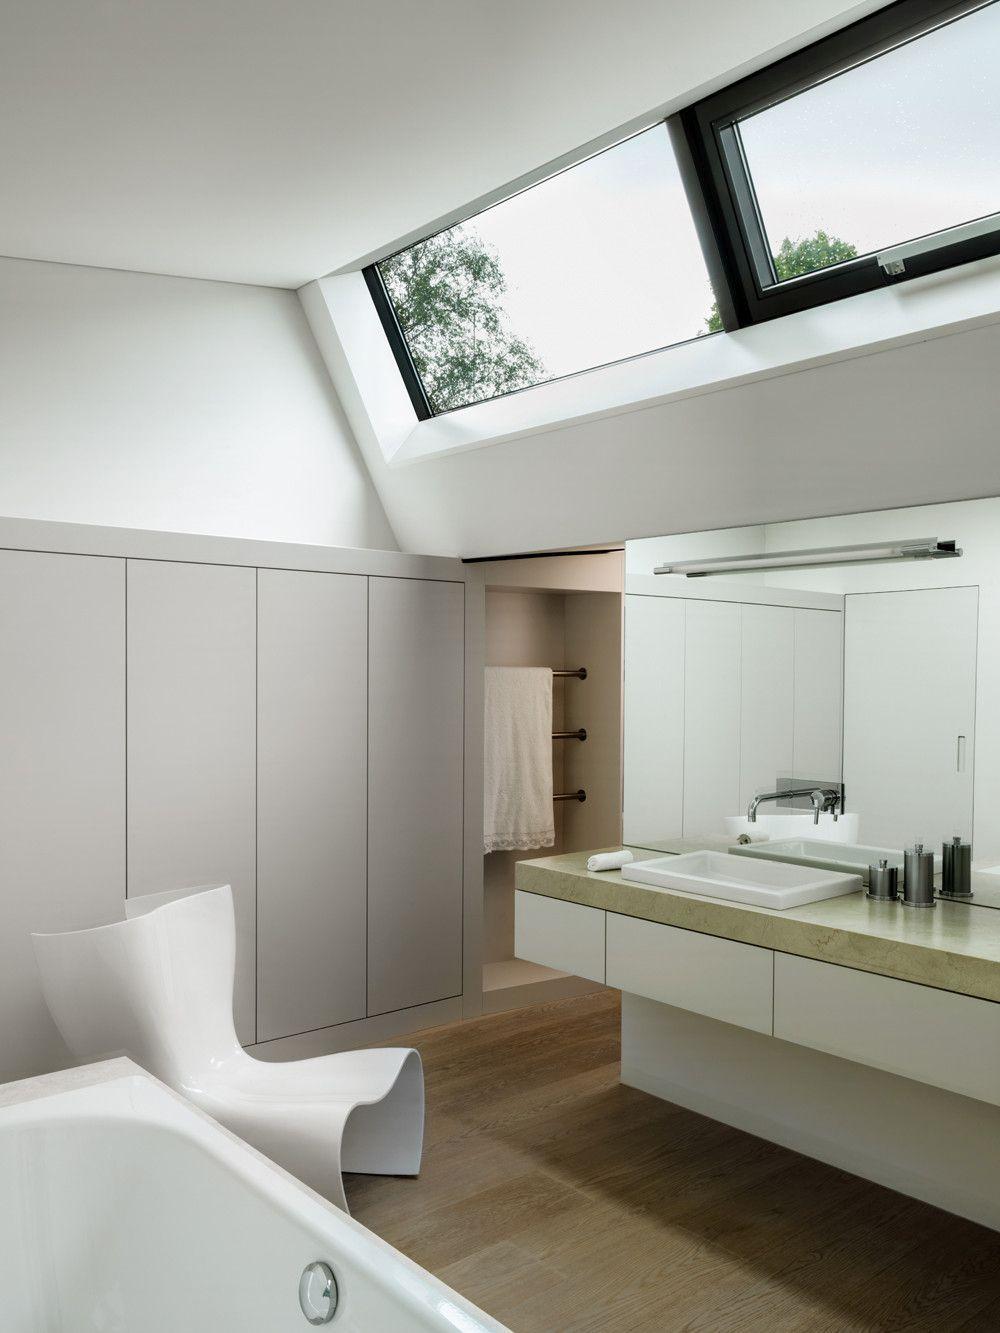 So Finden Sie Das Richtige Badezimmer Fenster Fur Ihren Stil Badezimmer Ohne Fenster Badezimmer Fenster Ideen Haus